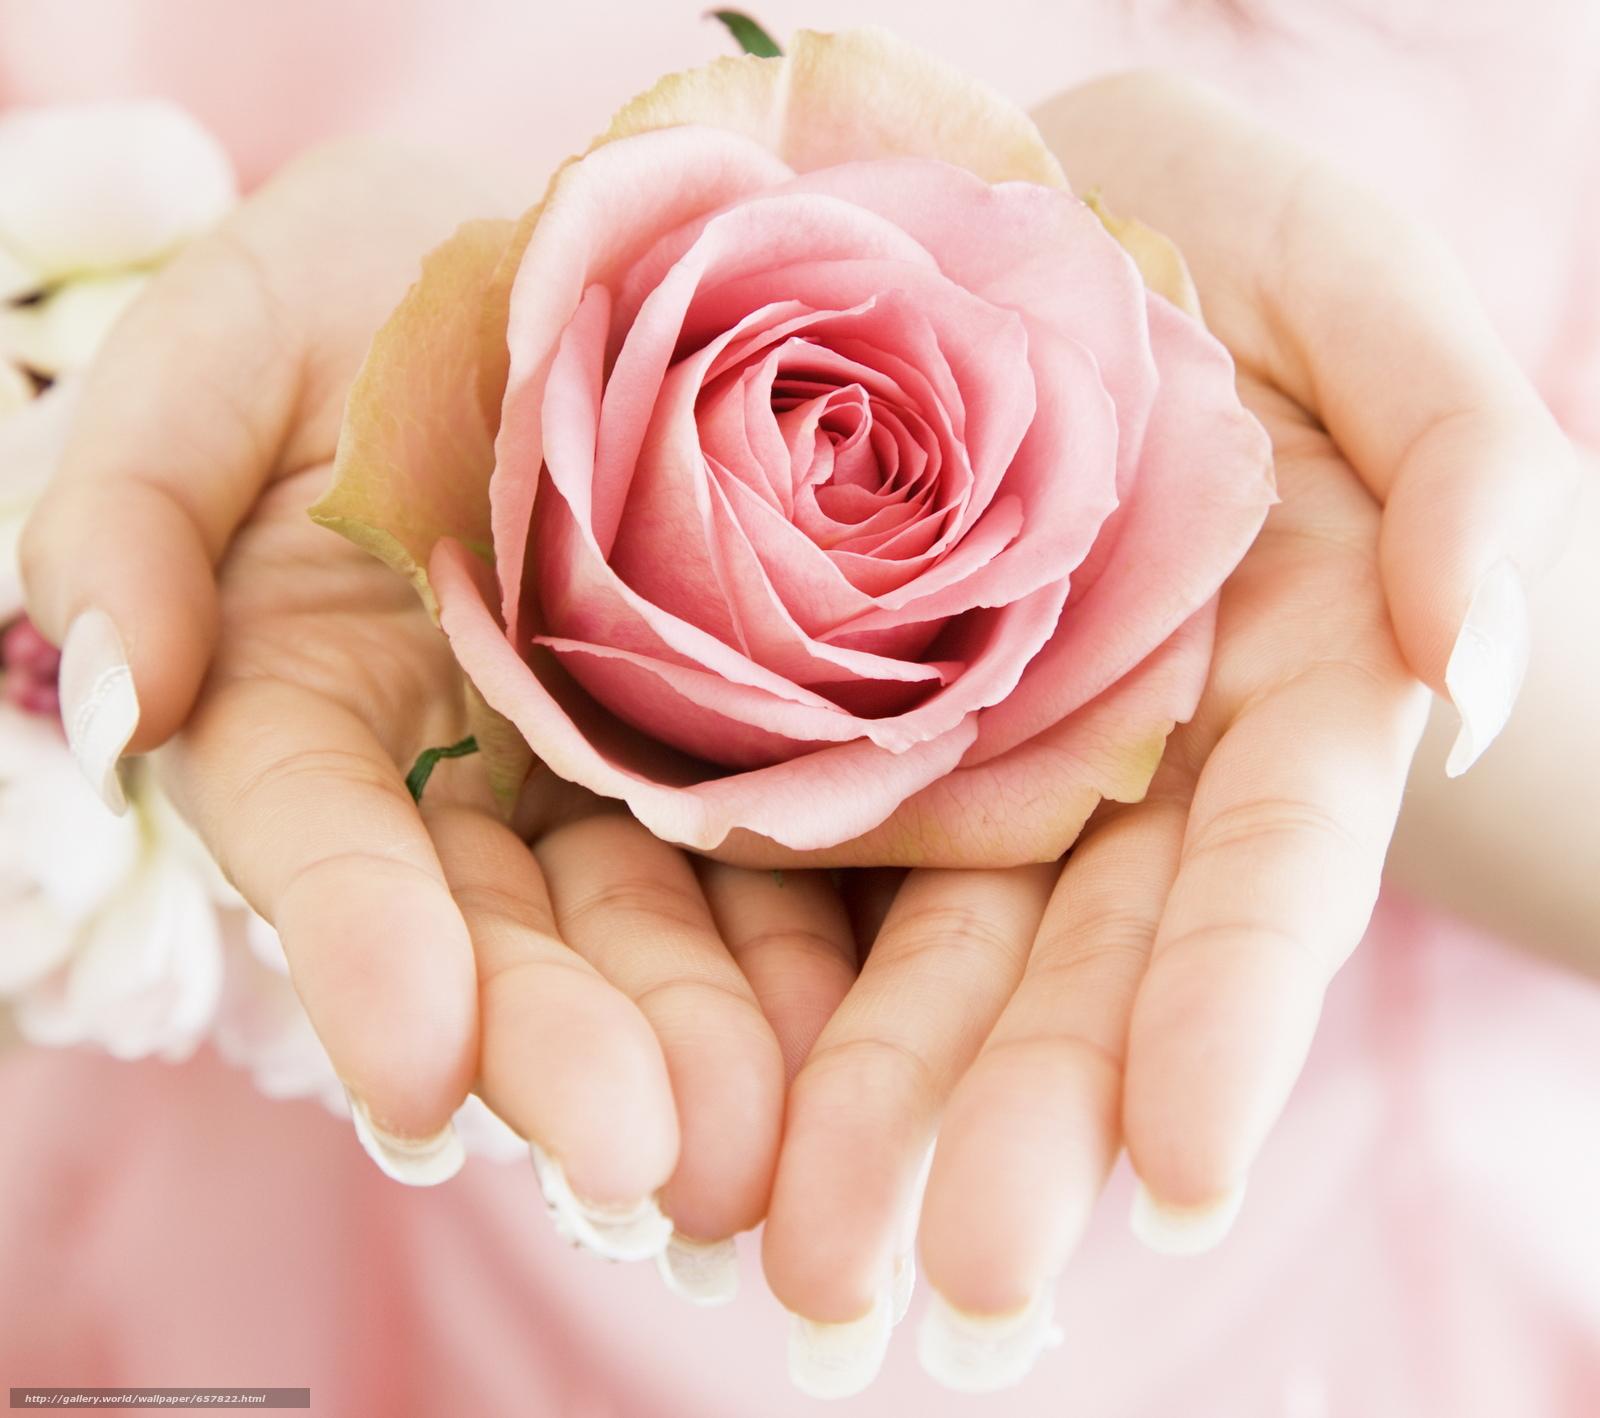 Скачать обои цветы,  цветок,  роза,  розы бесплатно для рабочего стола в разрешении 2094x1856 — картинка №657822